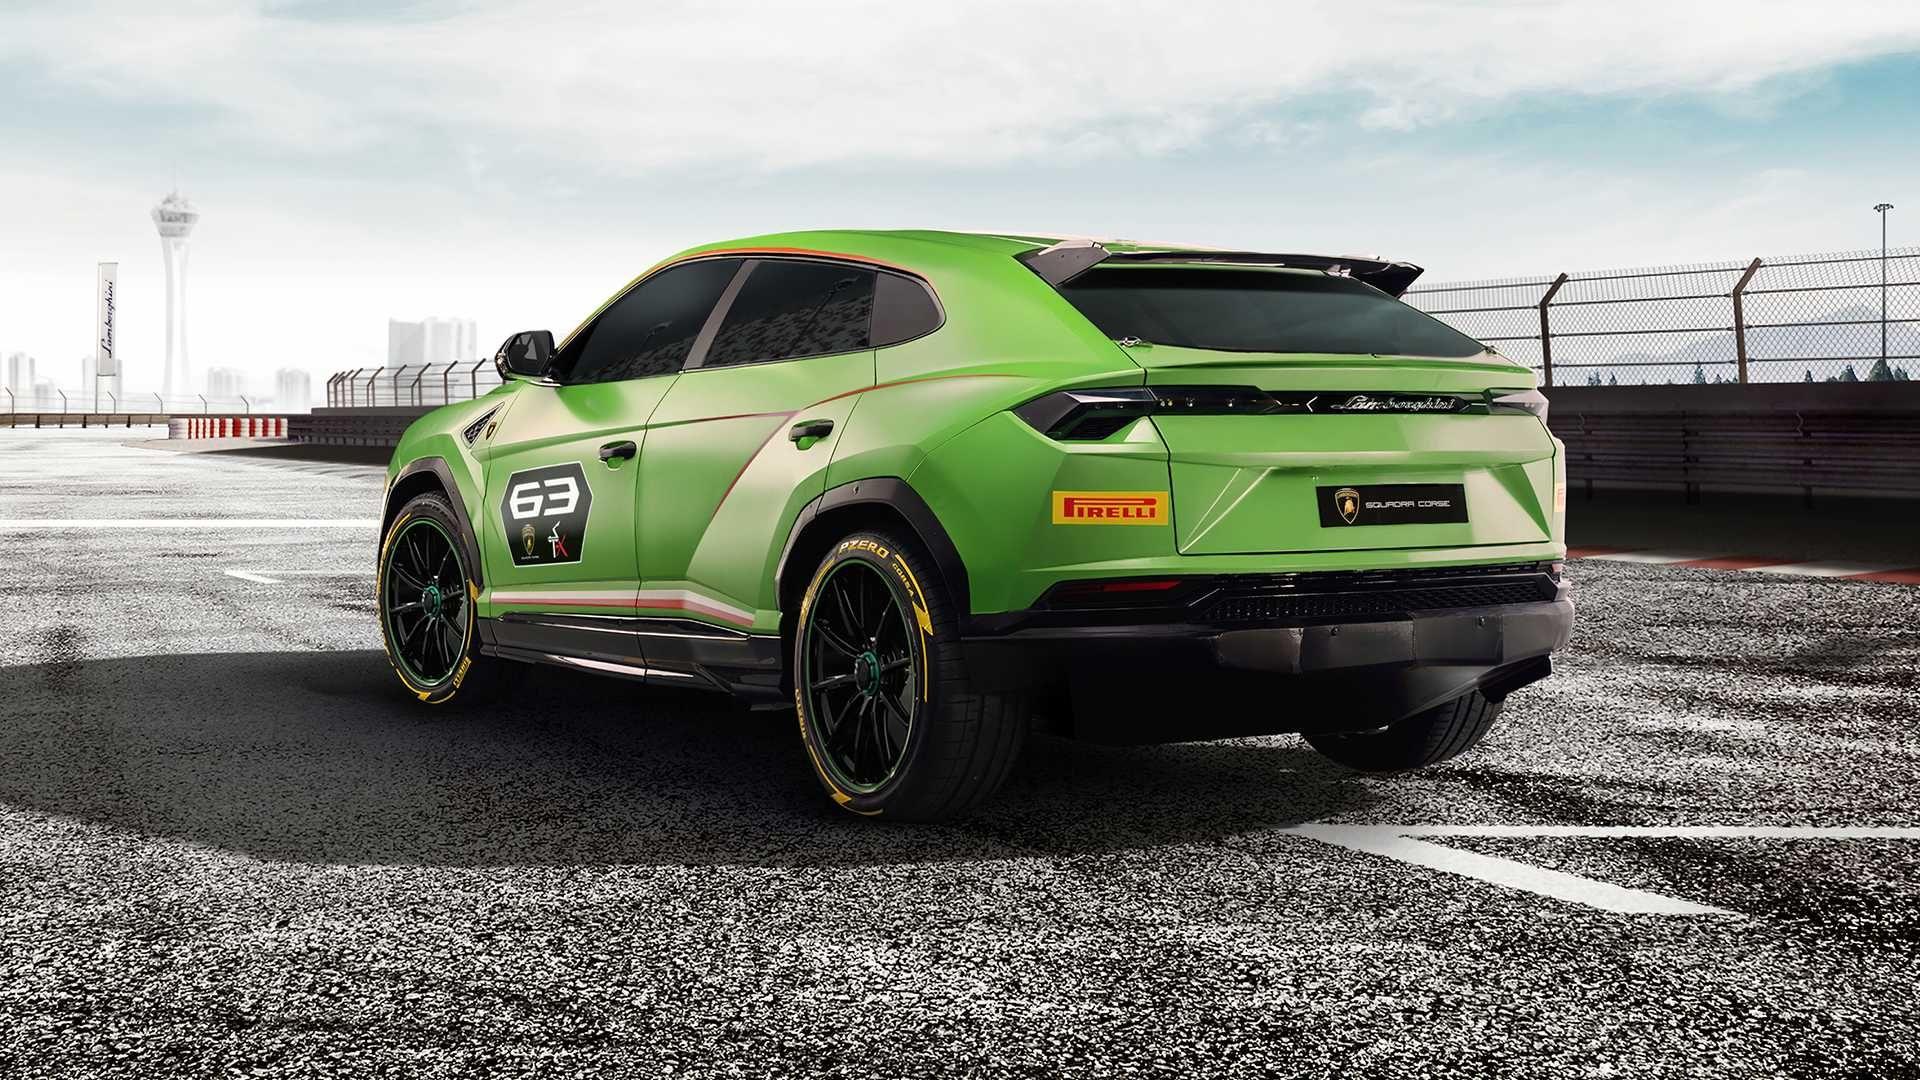 Lamborghini Urus St X Concept Is A Track Ready Super Suv Lamborghini Suv Super Cars